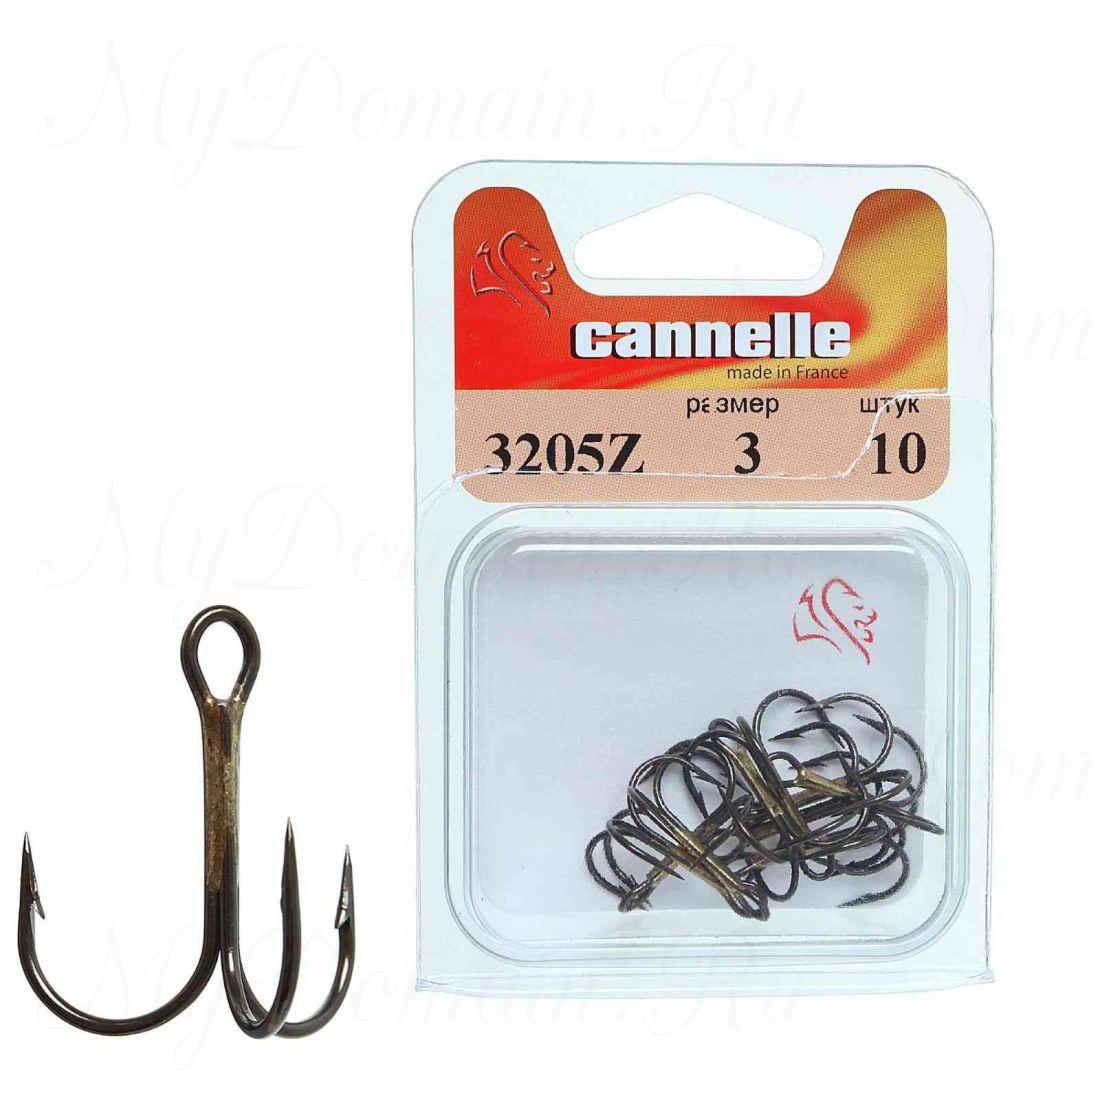 Тройник Cannelle 3205 Z № 3 уп. 10 шт. (бронза,круглый поддев,стандартный тройник,средняя проволка)